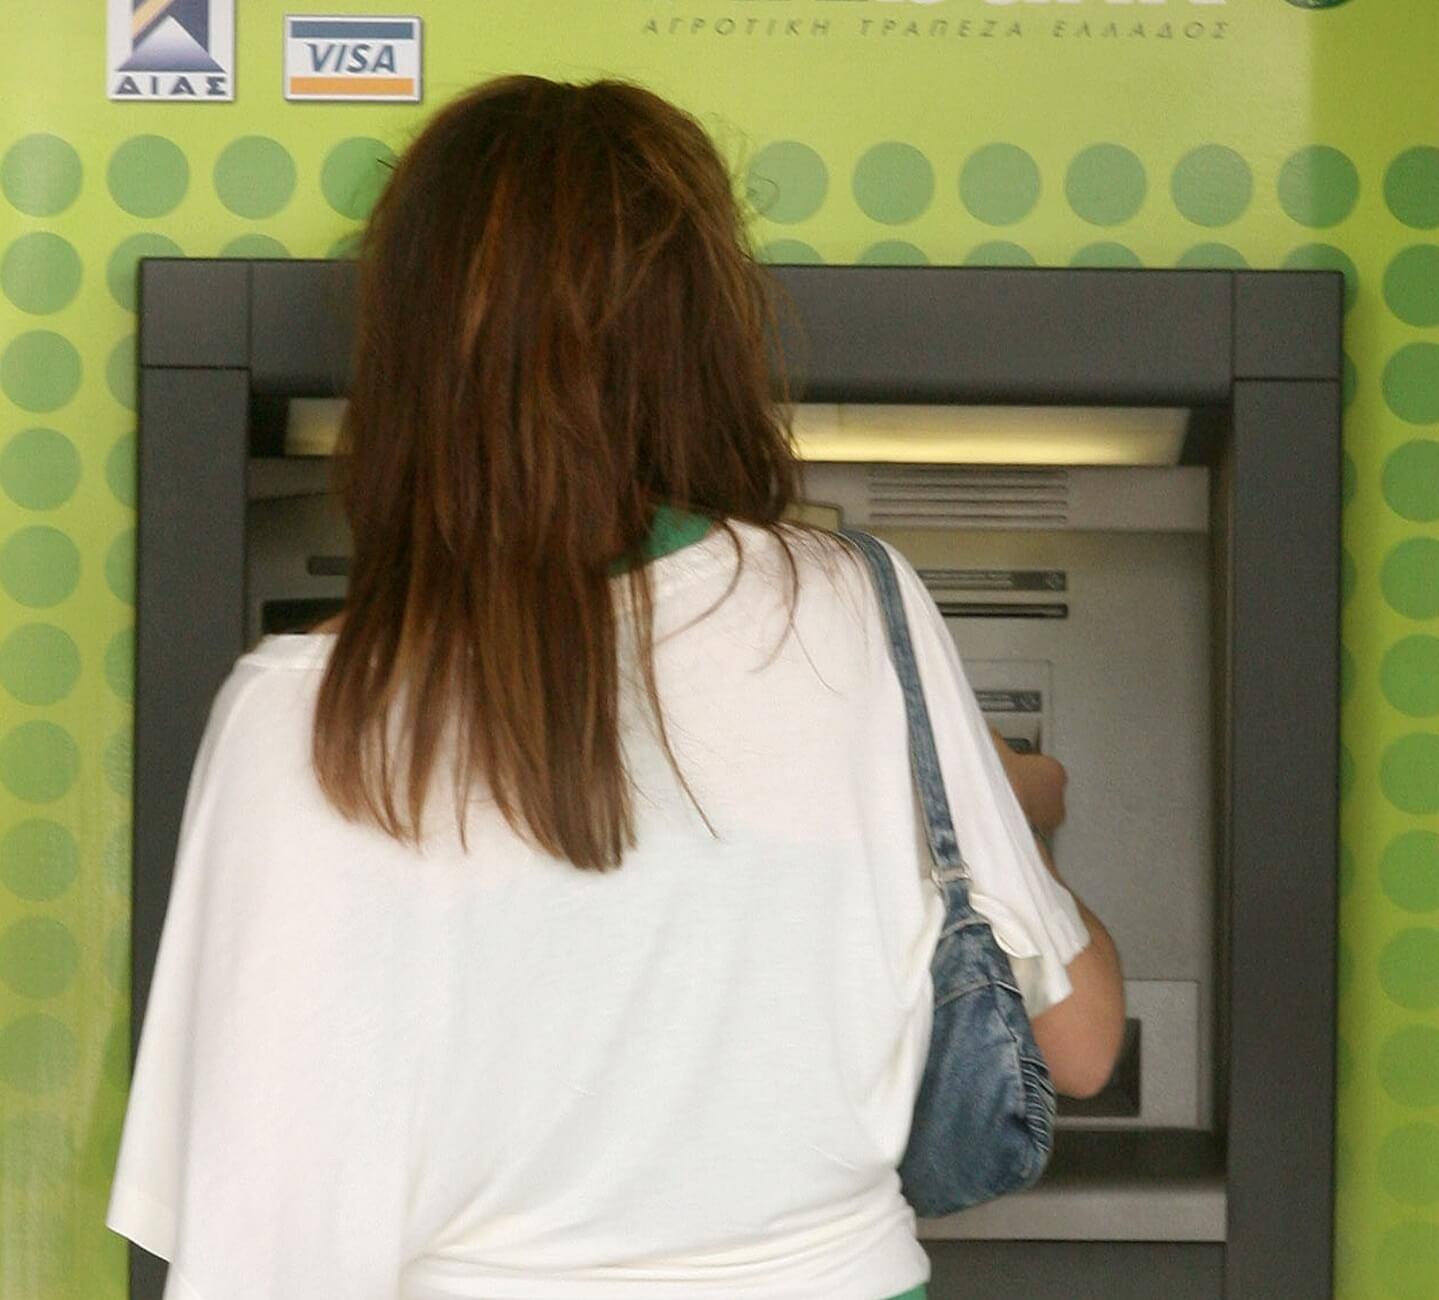 Μεσσηνία: Το μεγάλο λάθος σε ΑΤΜ που λίγο έλειψε να της στοιχίσει 380 ευρώ! Τα έχασε η γυναίκα